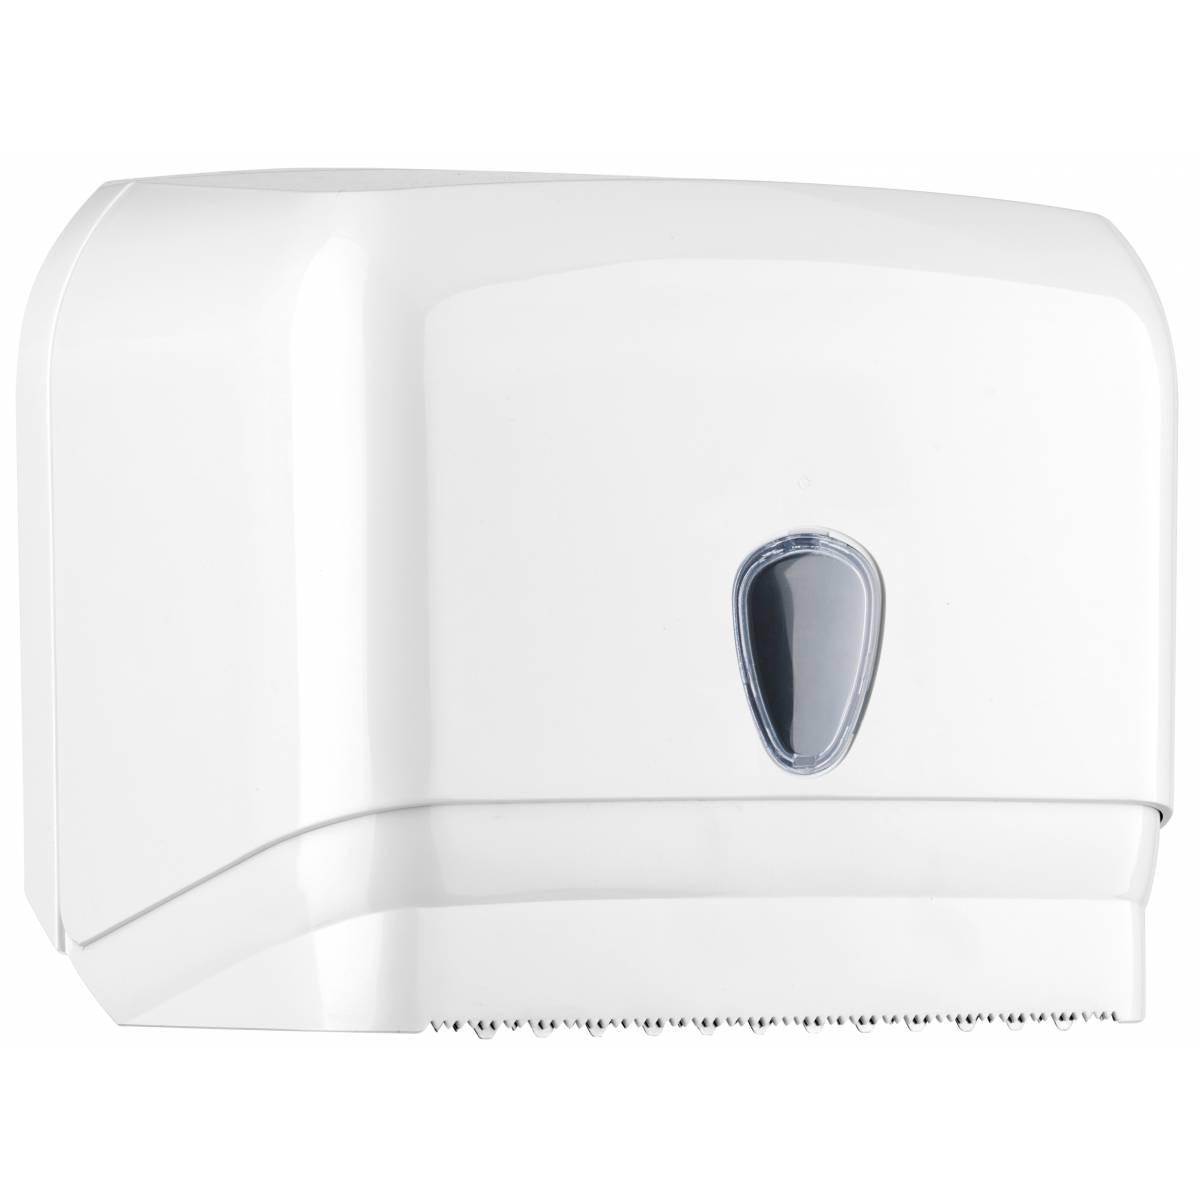 Держатель бумажных полотенец универсальный PRESTIGE (601) A60101 Mar Plast